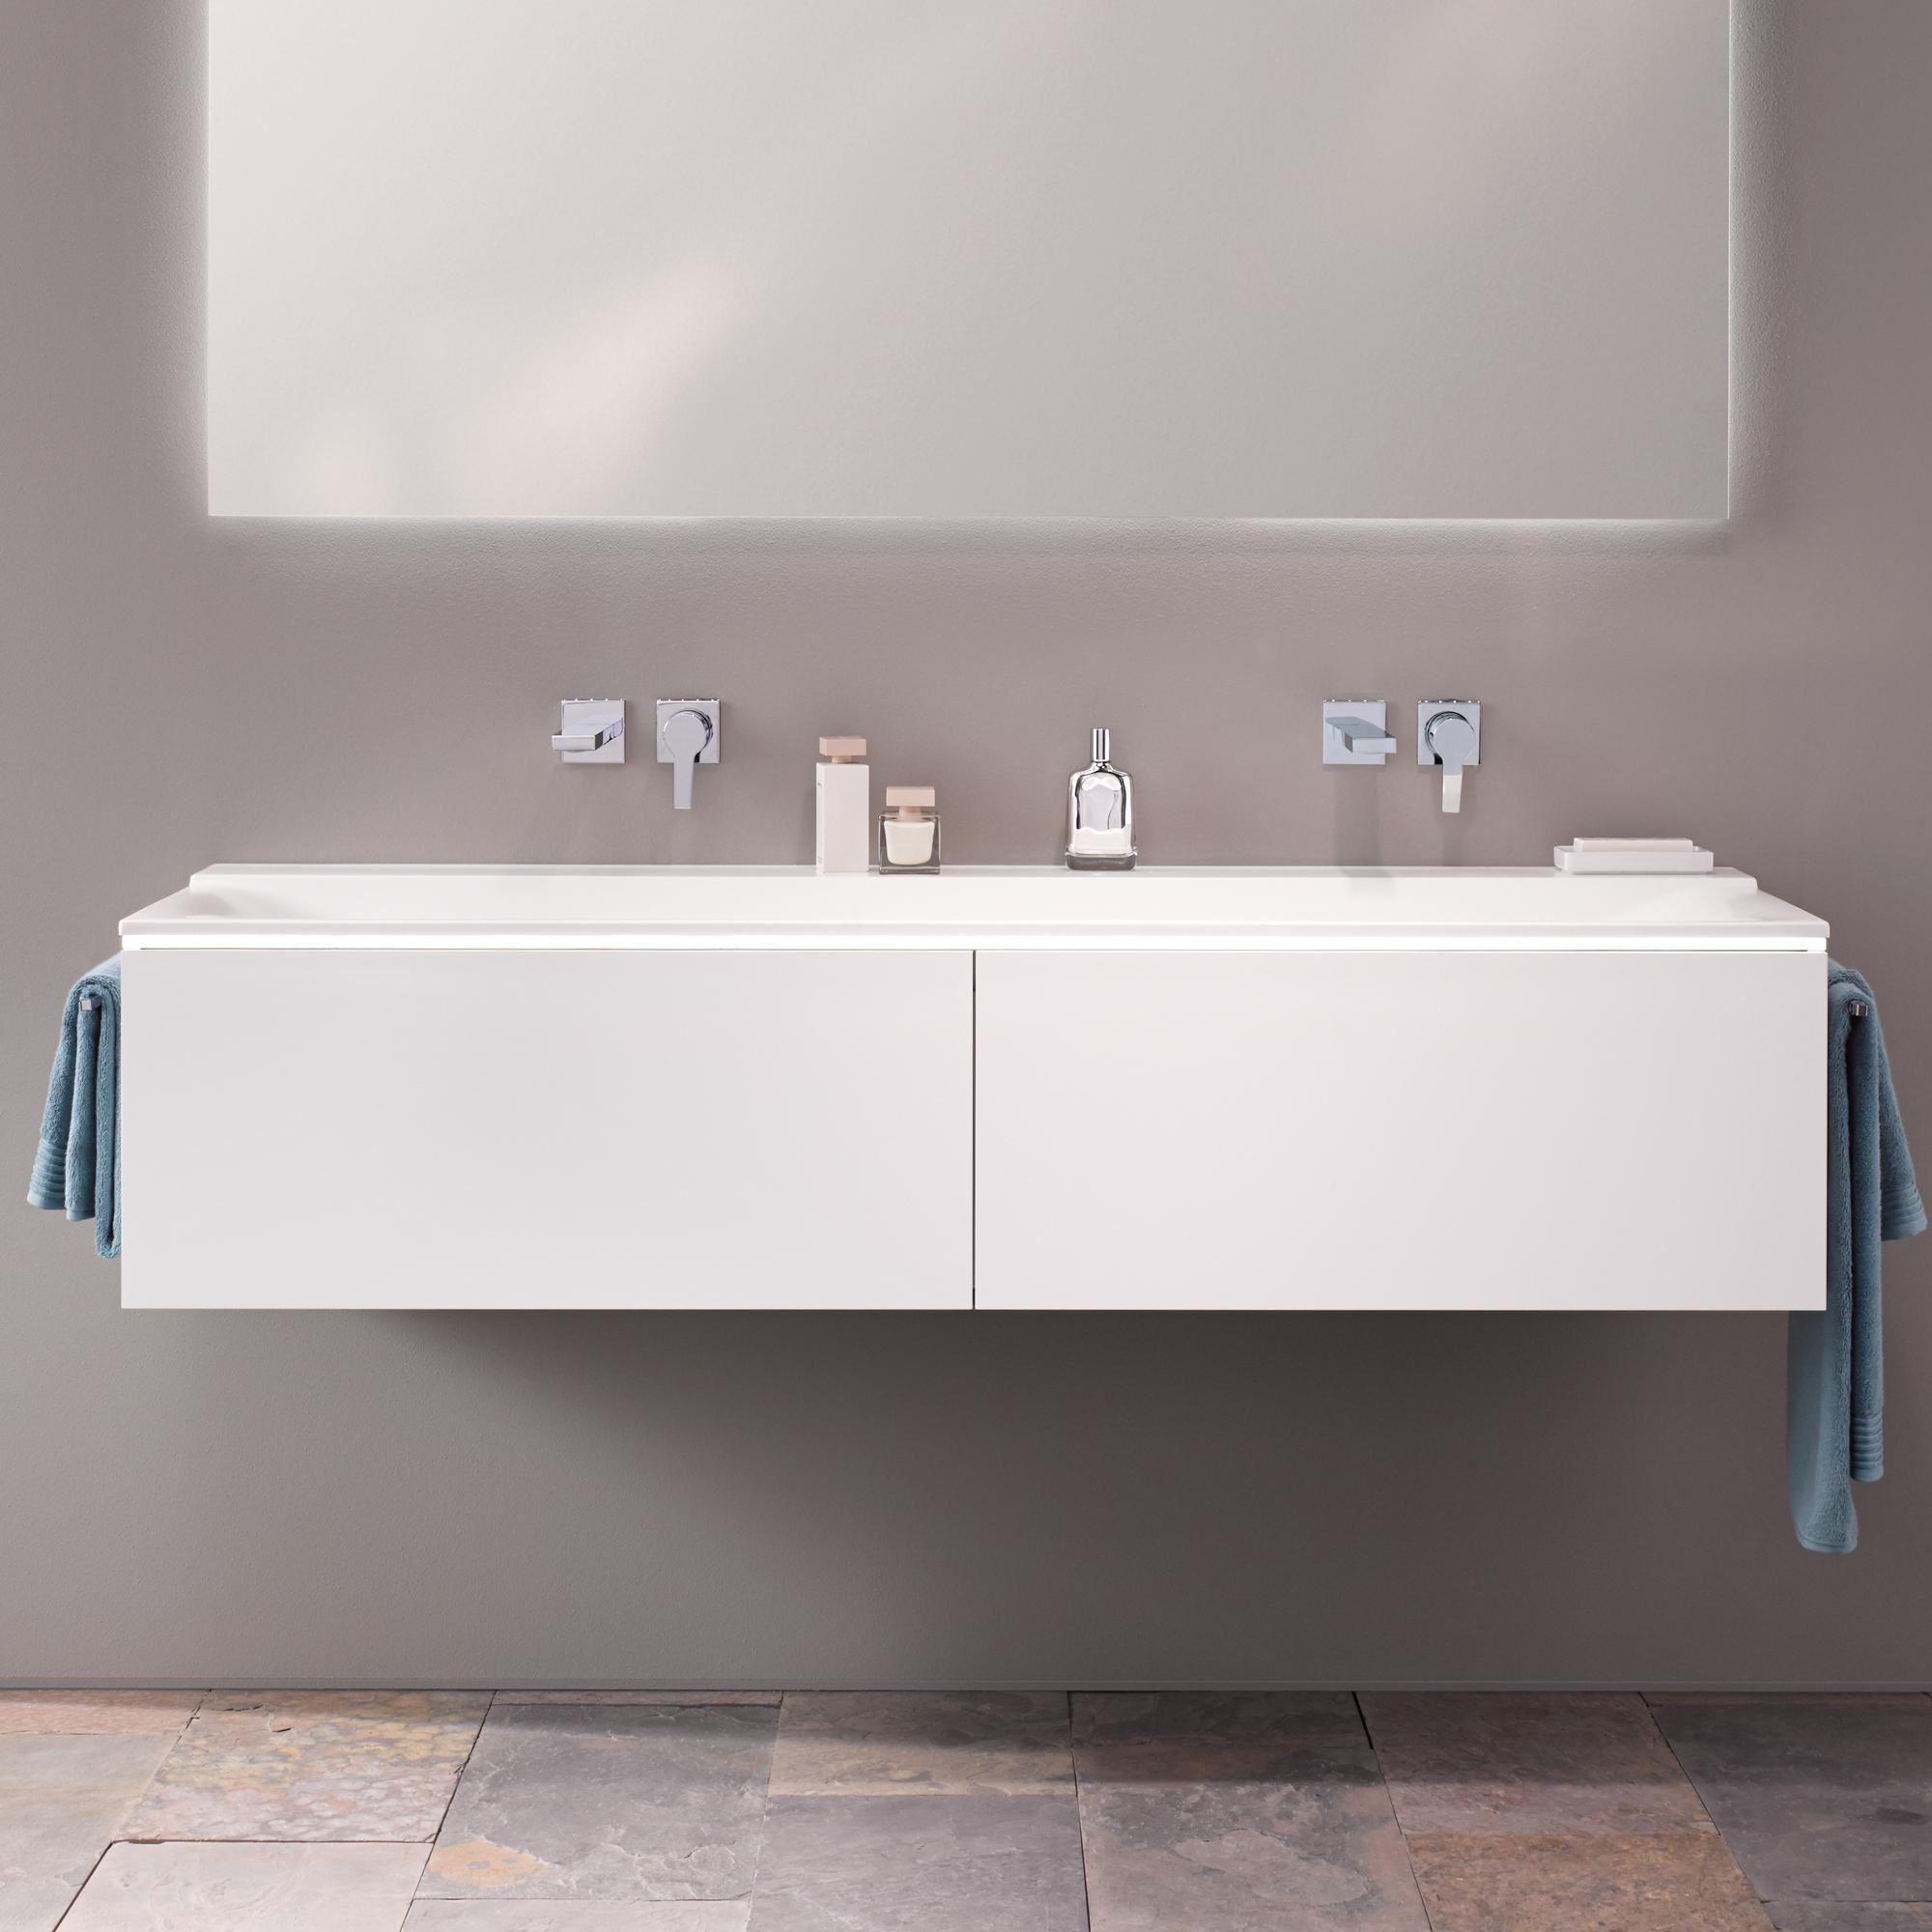 keramag xeno waschtischunterschrank mit led beleuchtung und 2 schubladen front und korpus wei. Black Bedroom Furniture Sets. Home Design Ideas